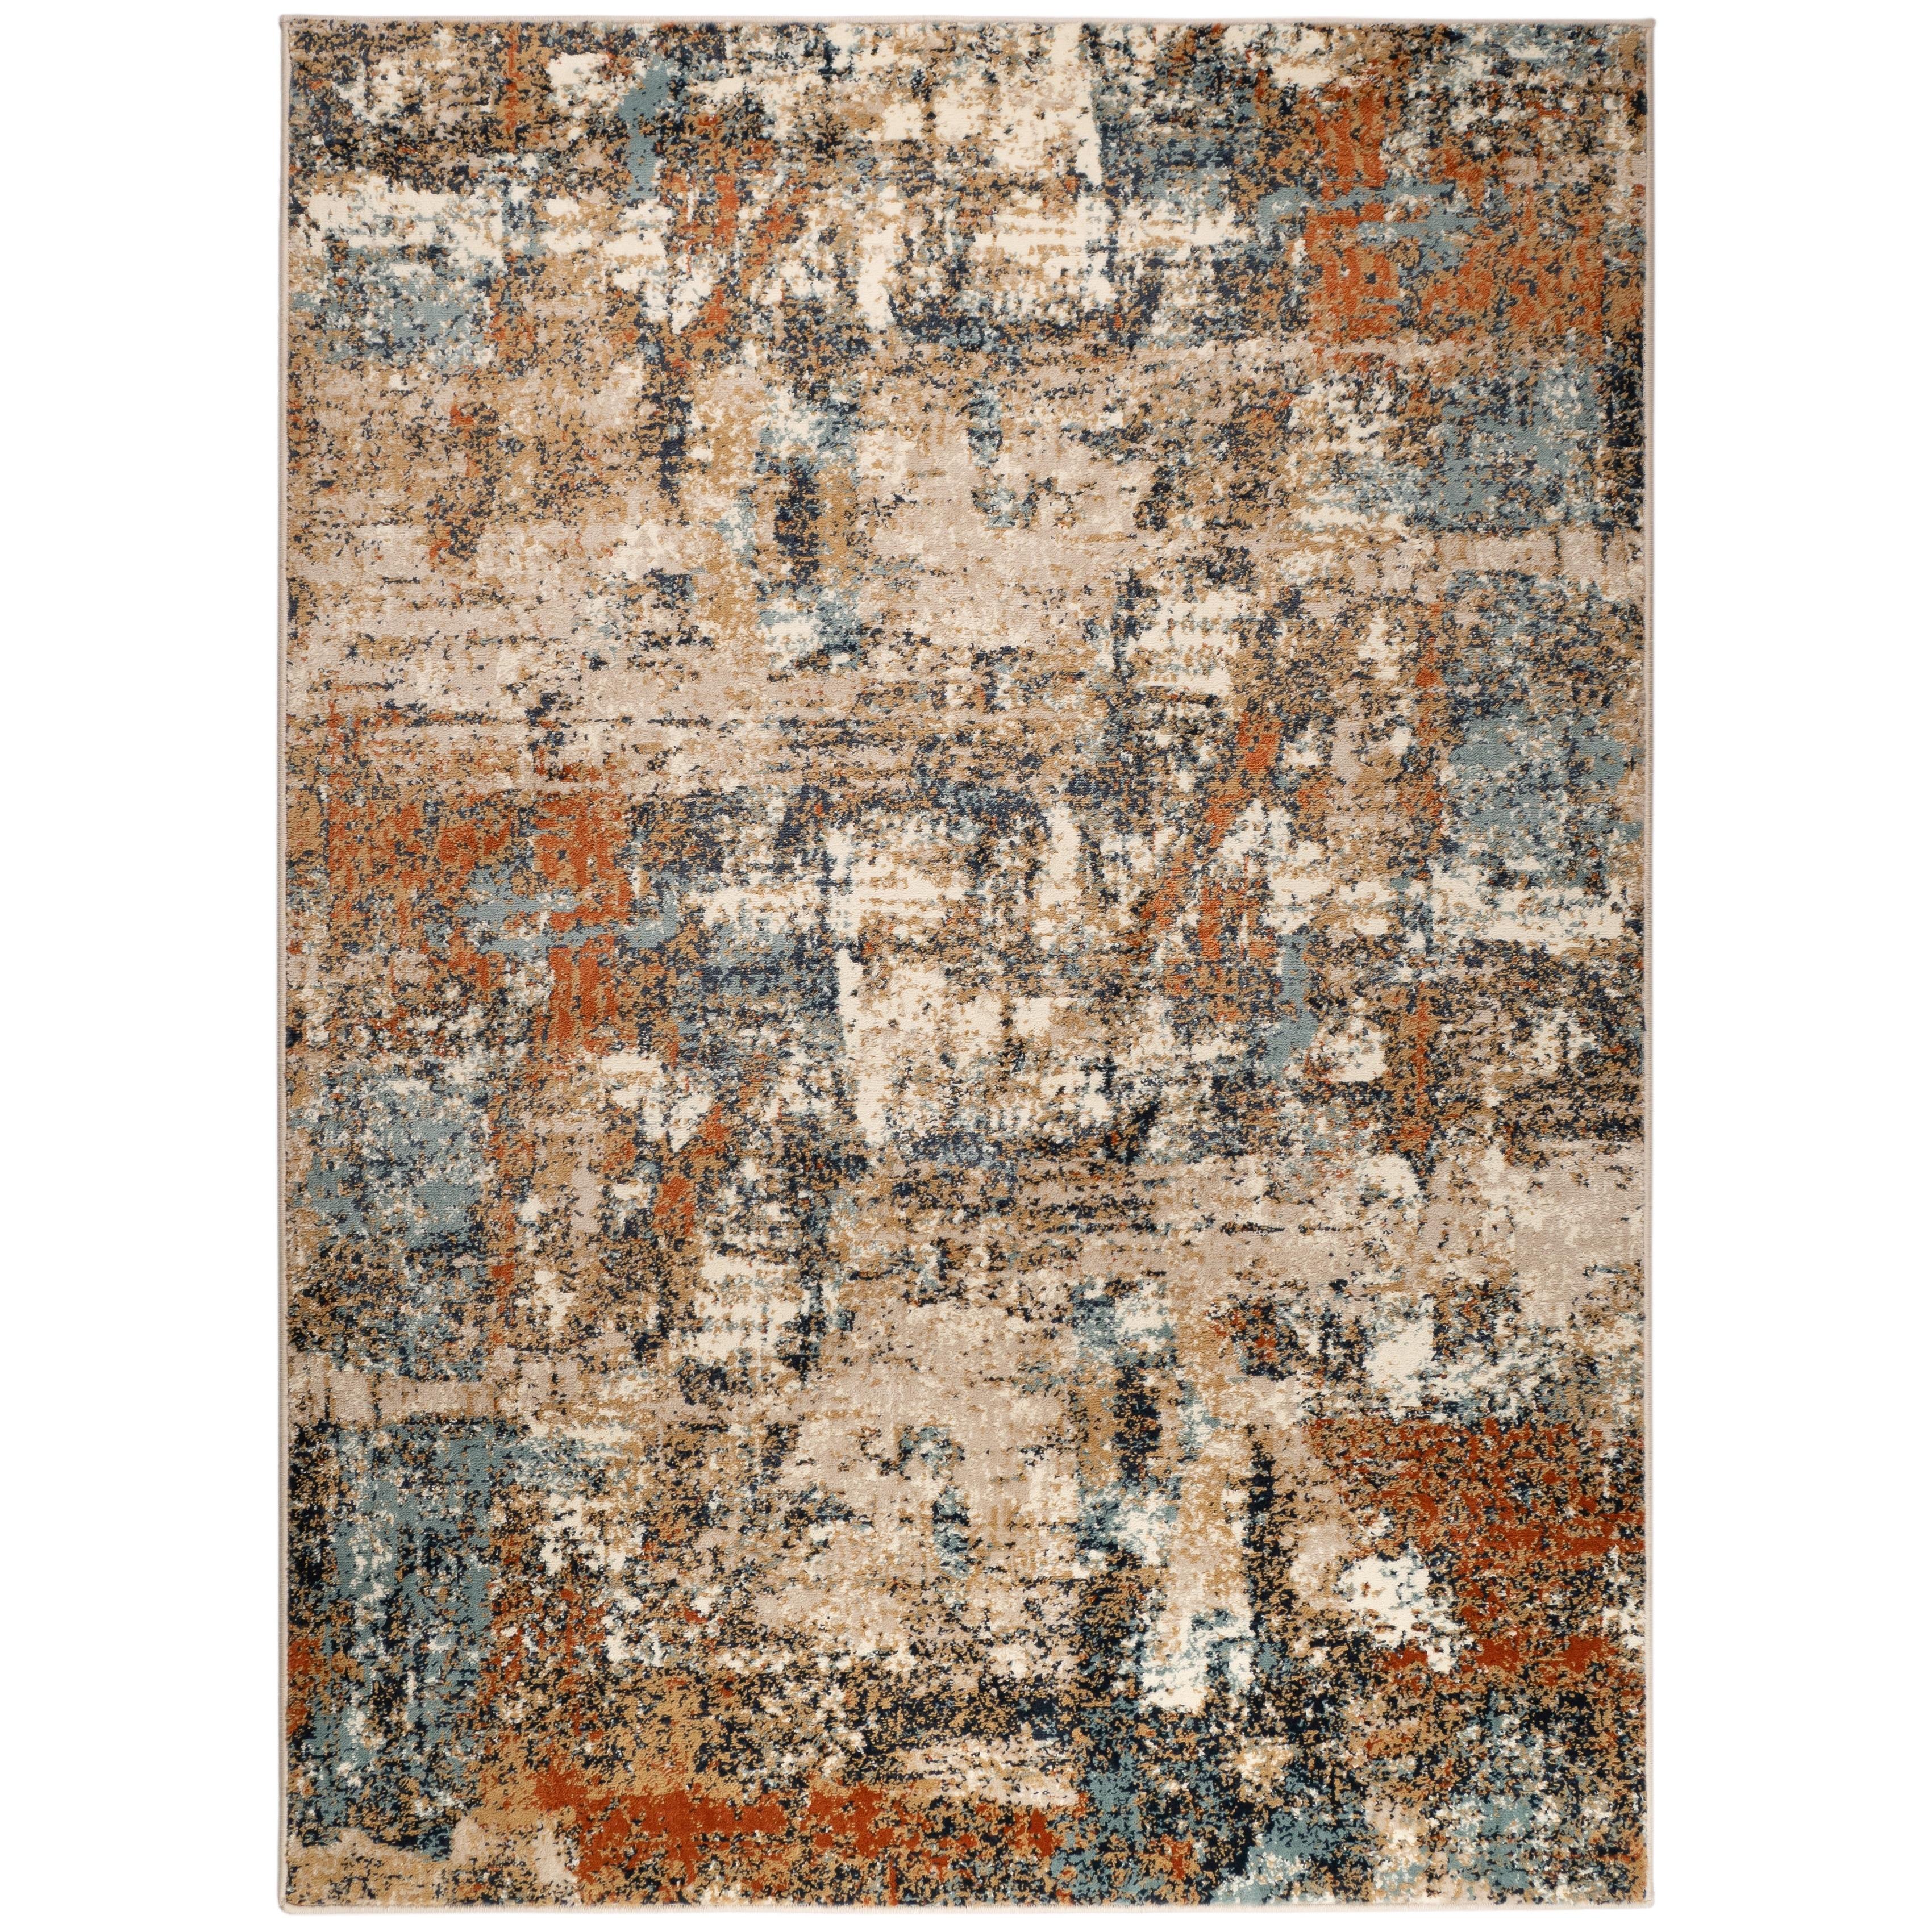 Alurea Classic Abstract Orange Beige Area Rug Overstock 31917703